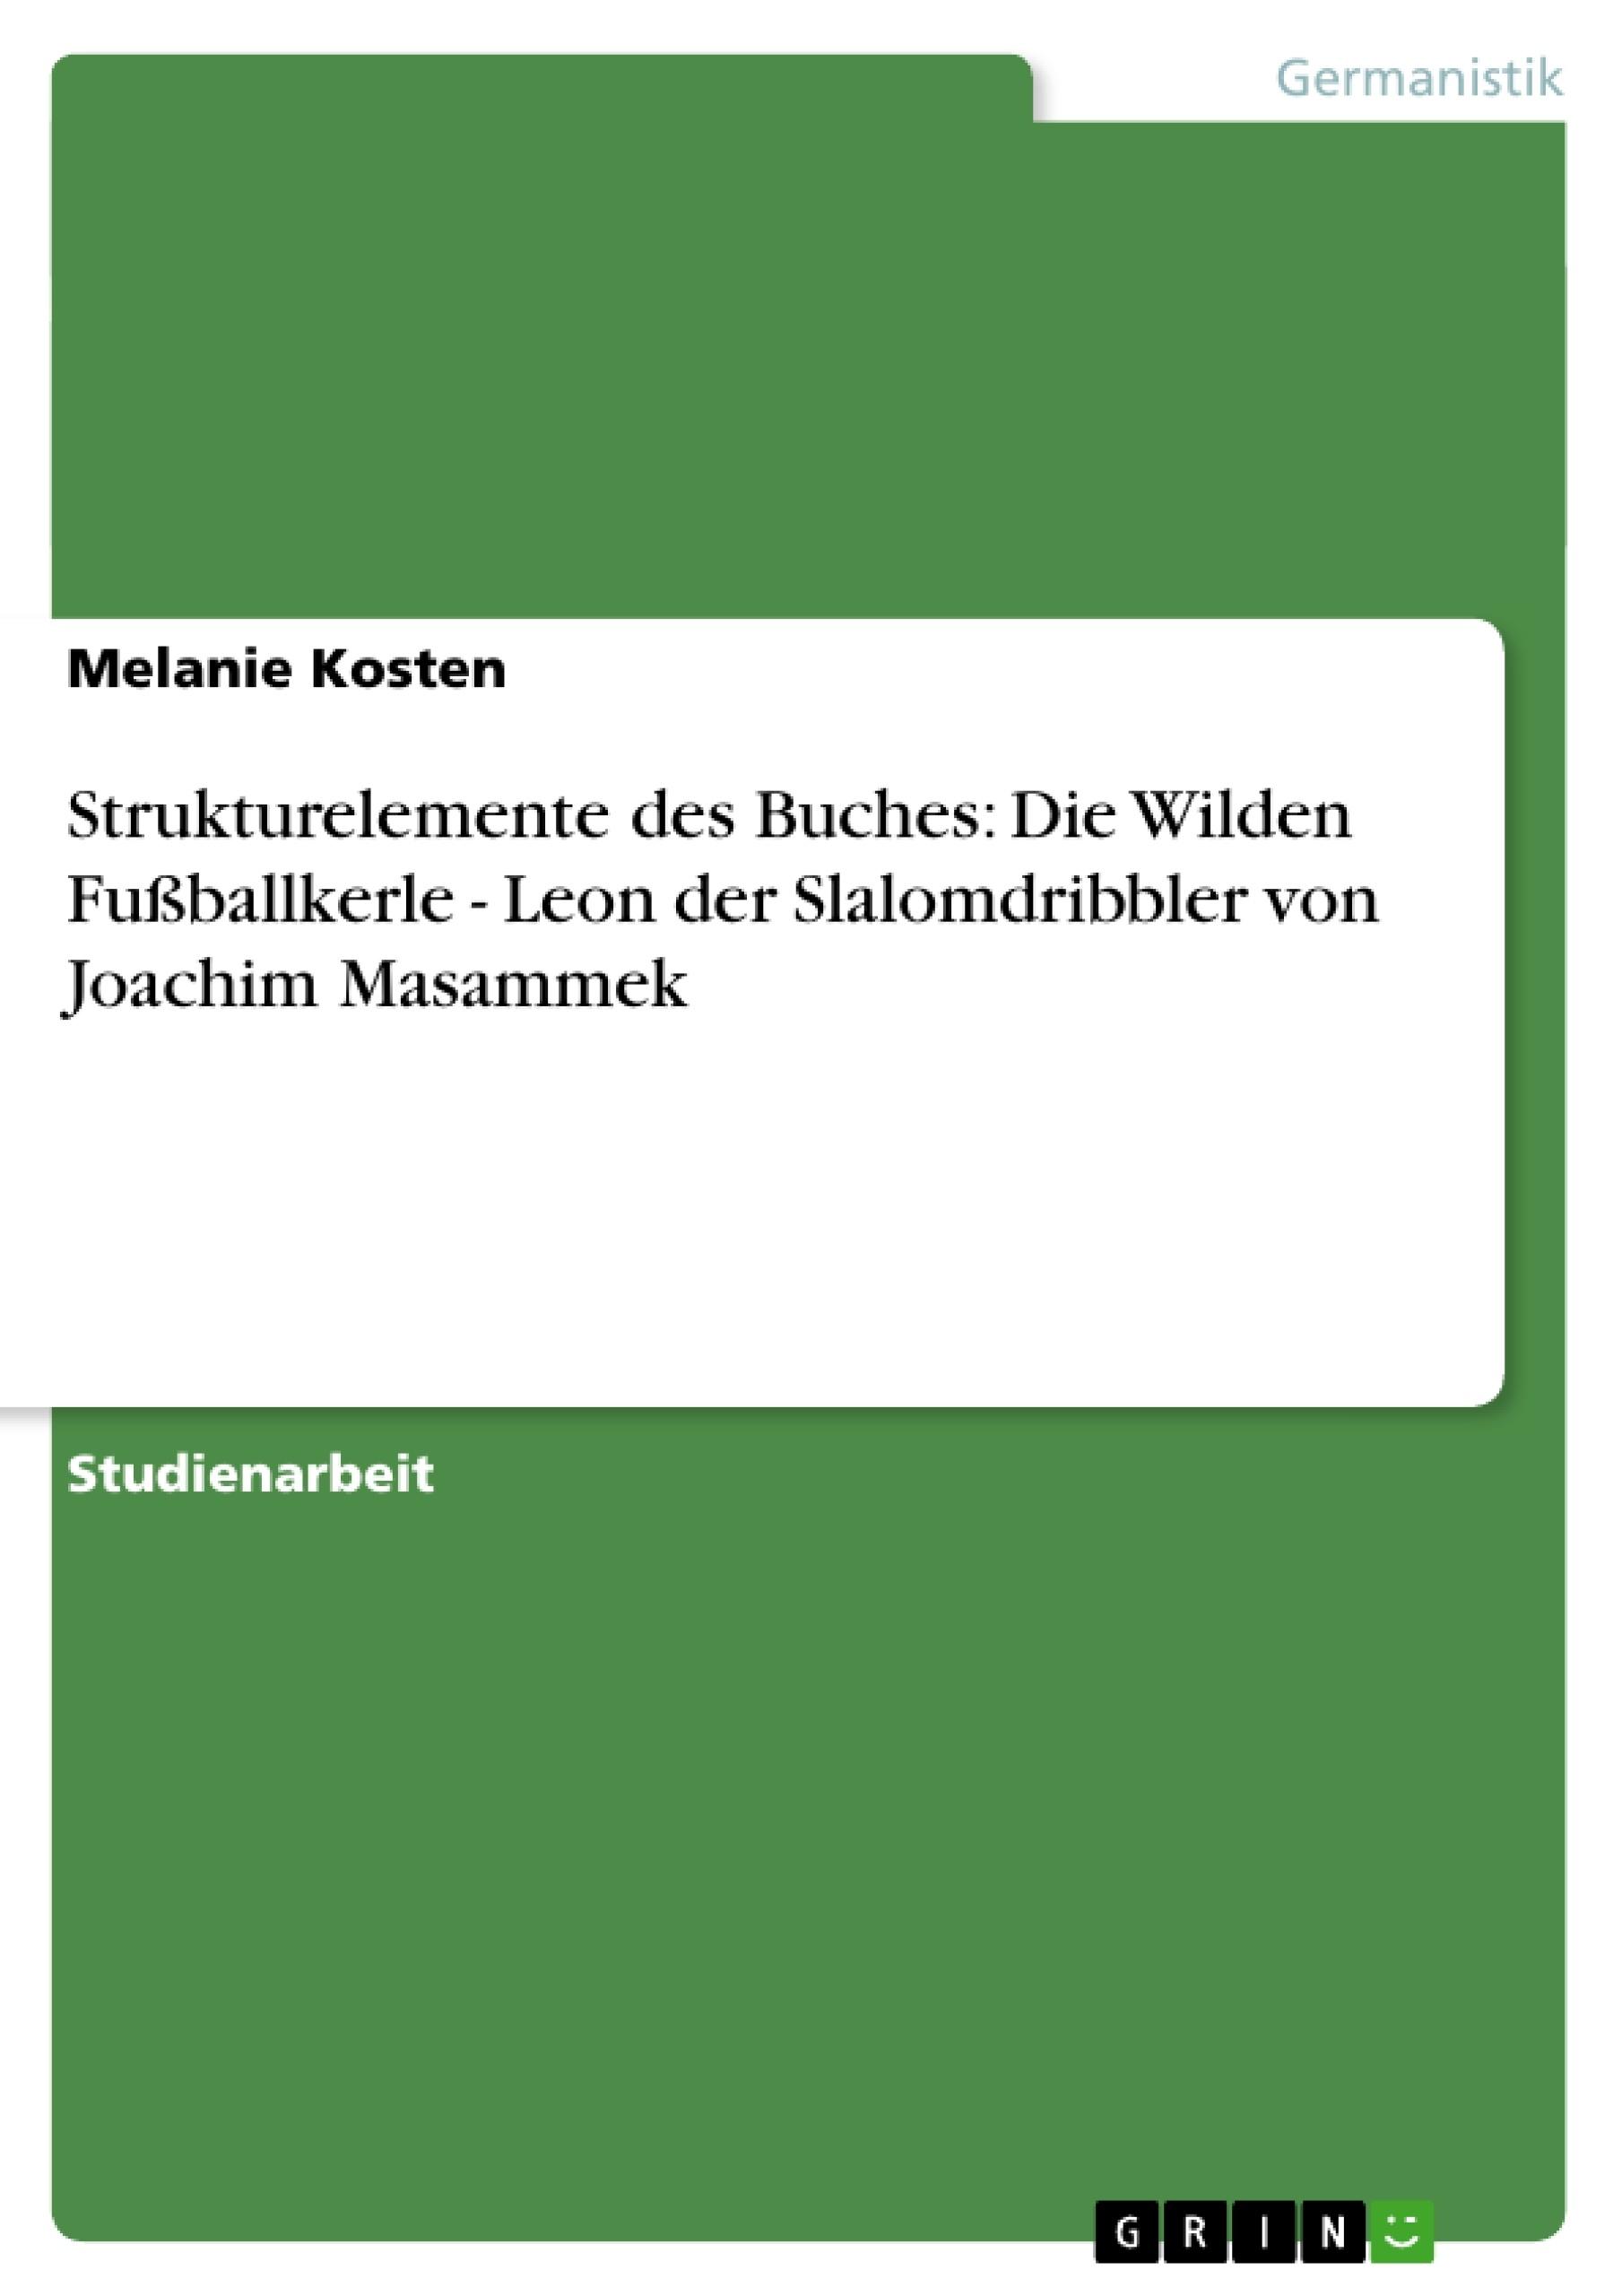 Titel: Strukturelemente des Buches: Die Wilden Fußballkerle - Leon der Slalomdribbler von Joachim Masammek